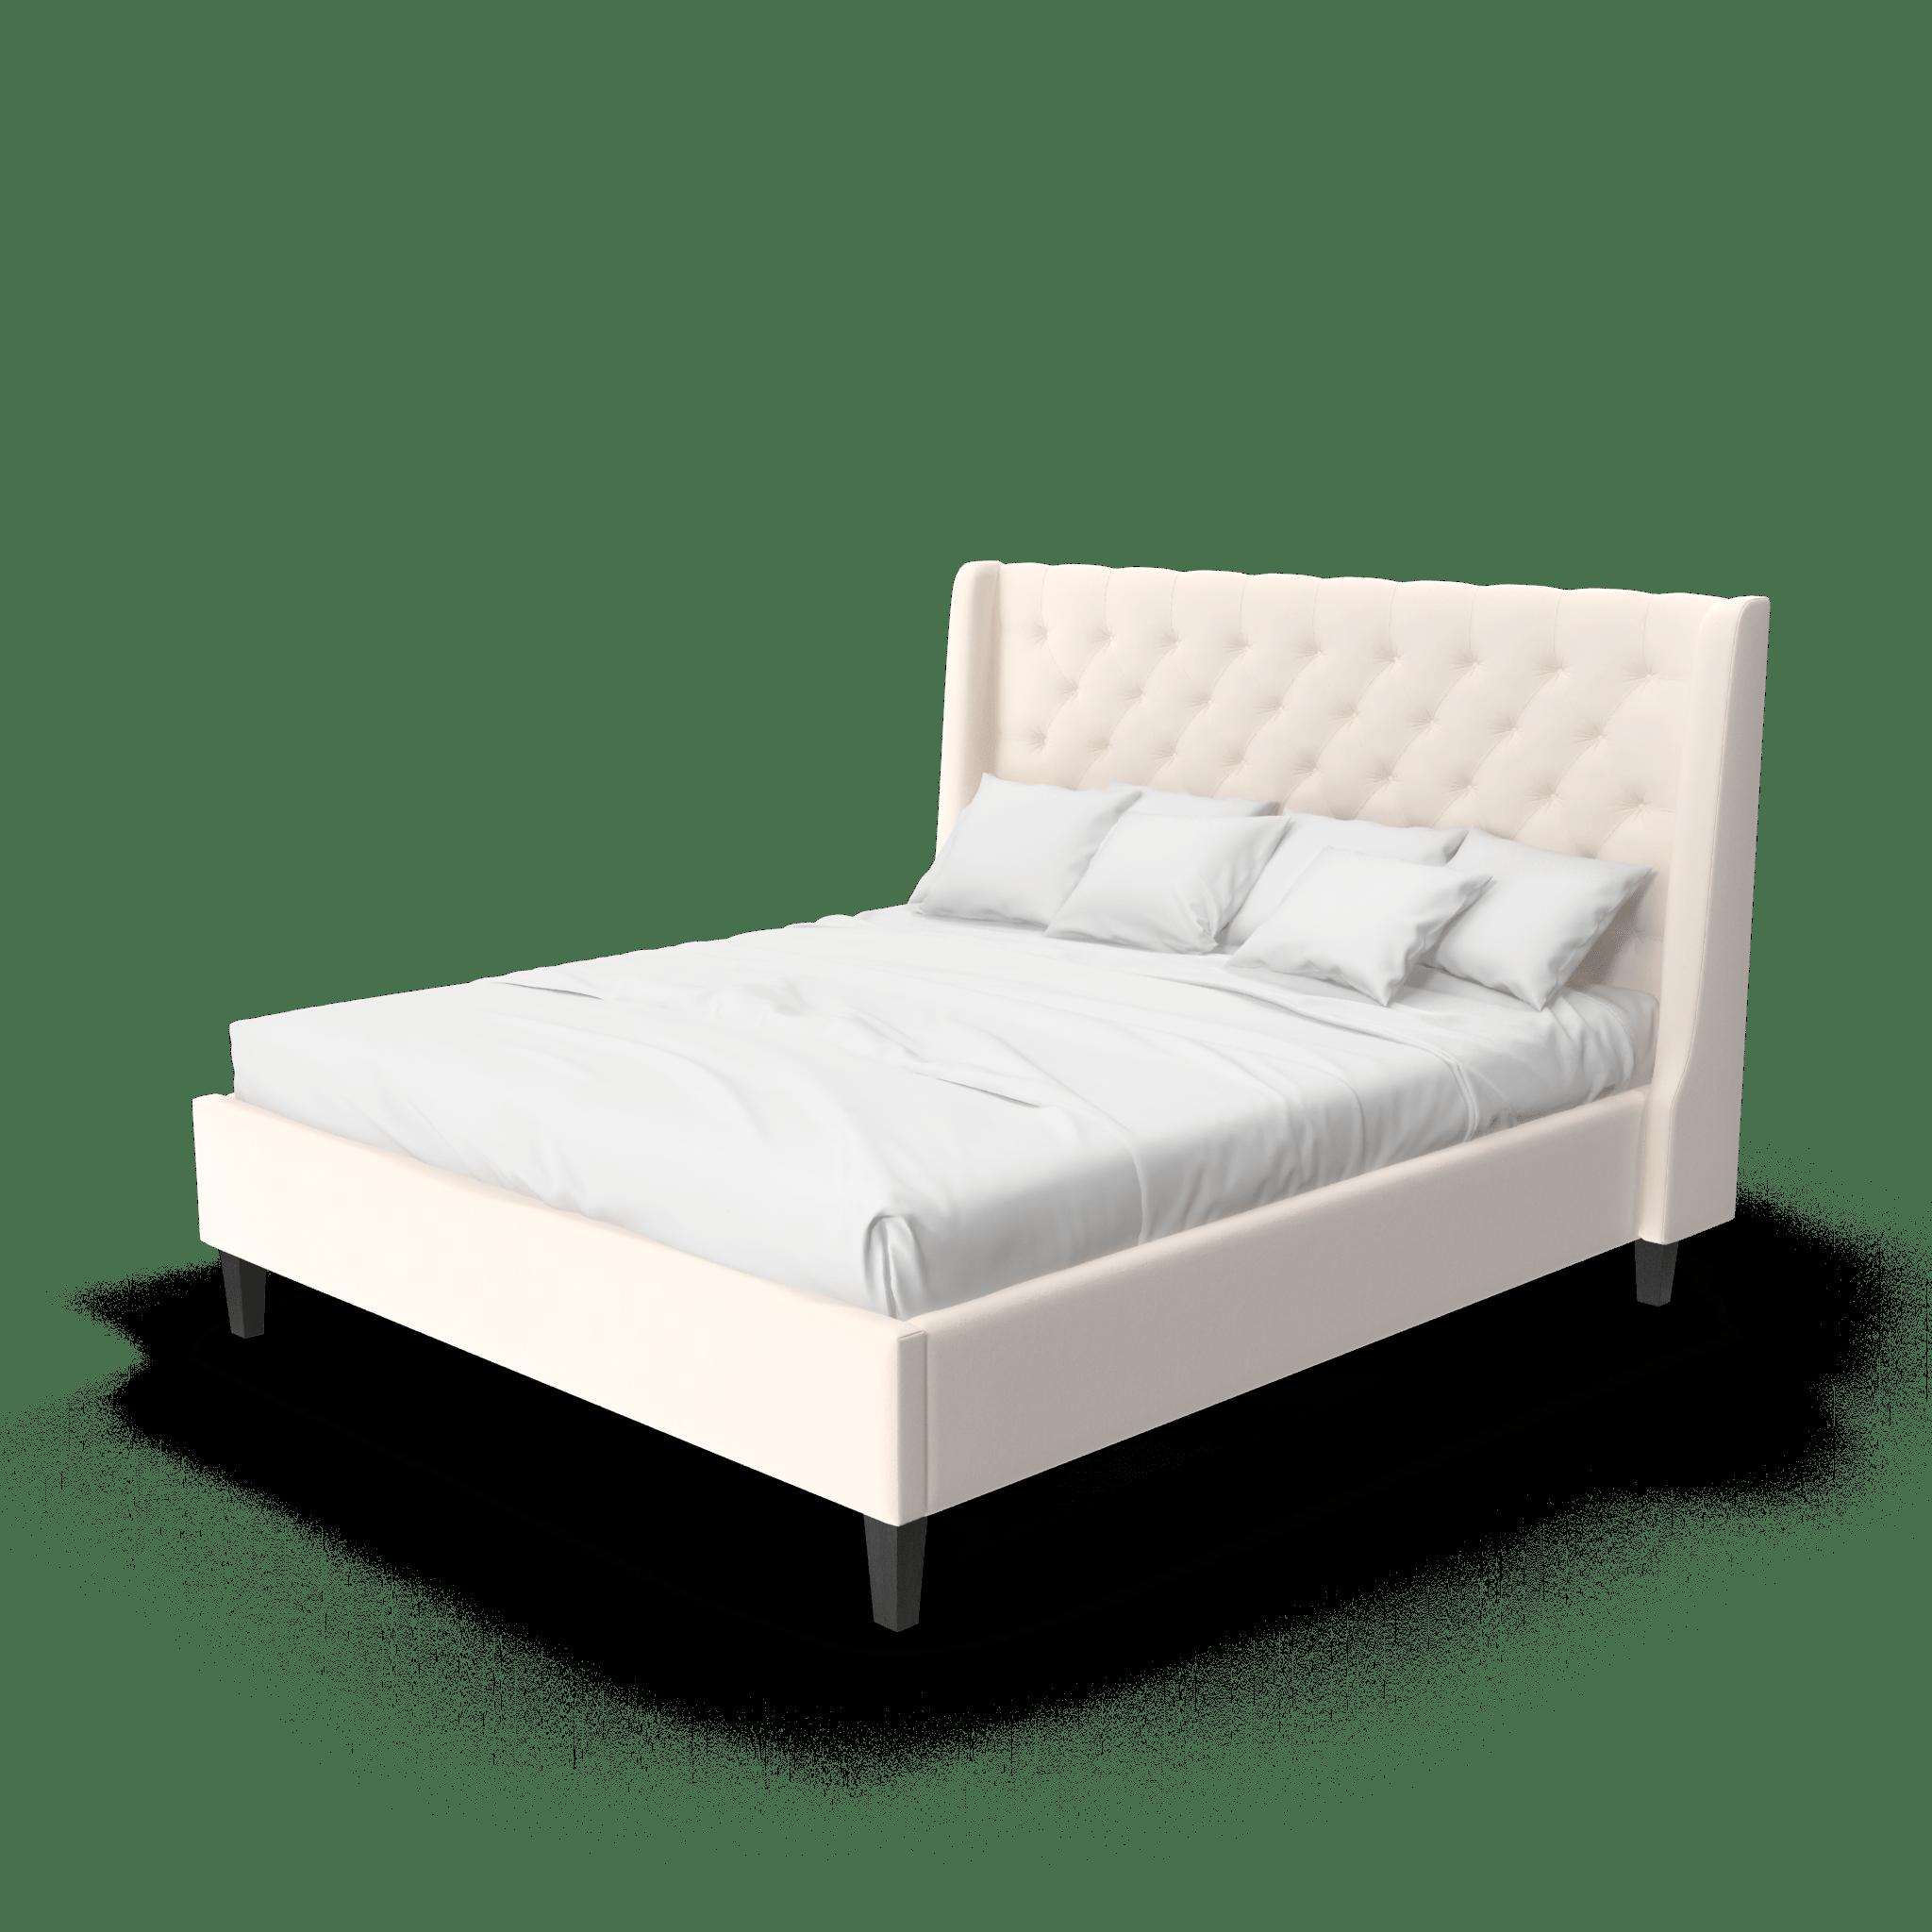 Soft Bed.H03.2k-min